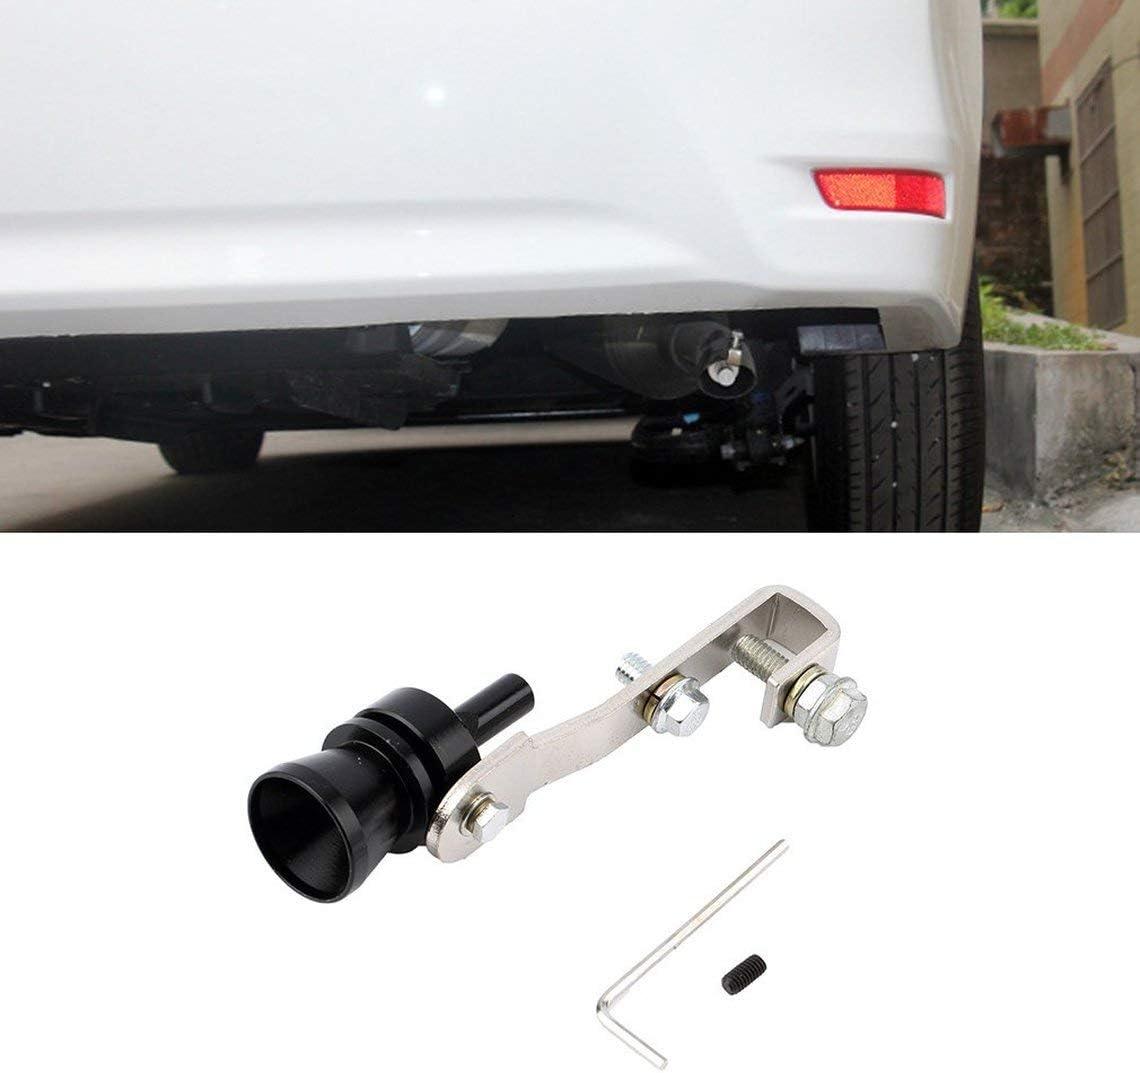 Zinniaya Alluminio universale auto Auto BOV Turbo suono fischietto tubo suono simulatore tubo tubo di scarico marmitta tubo